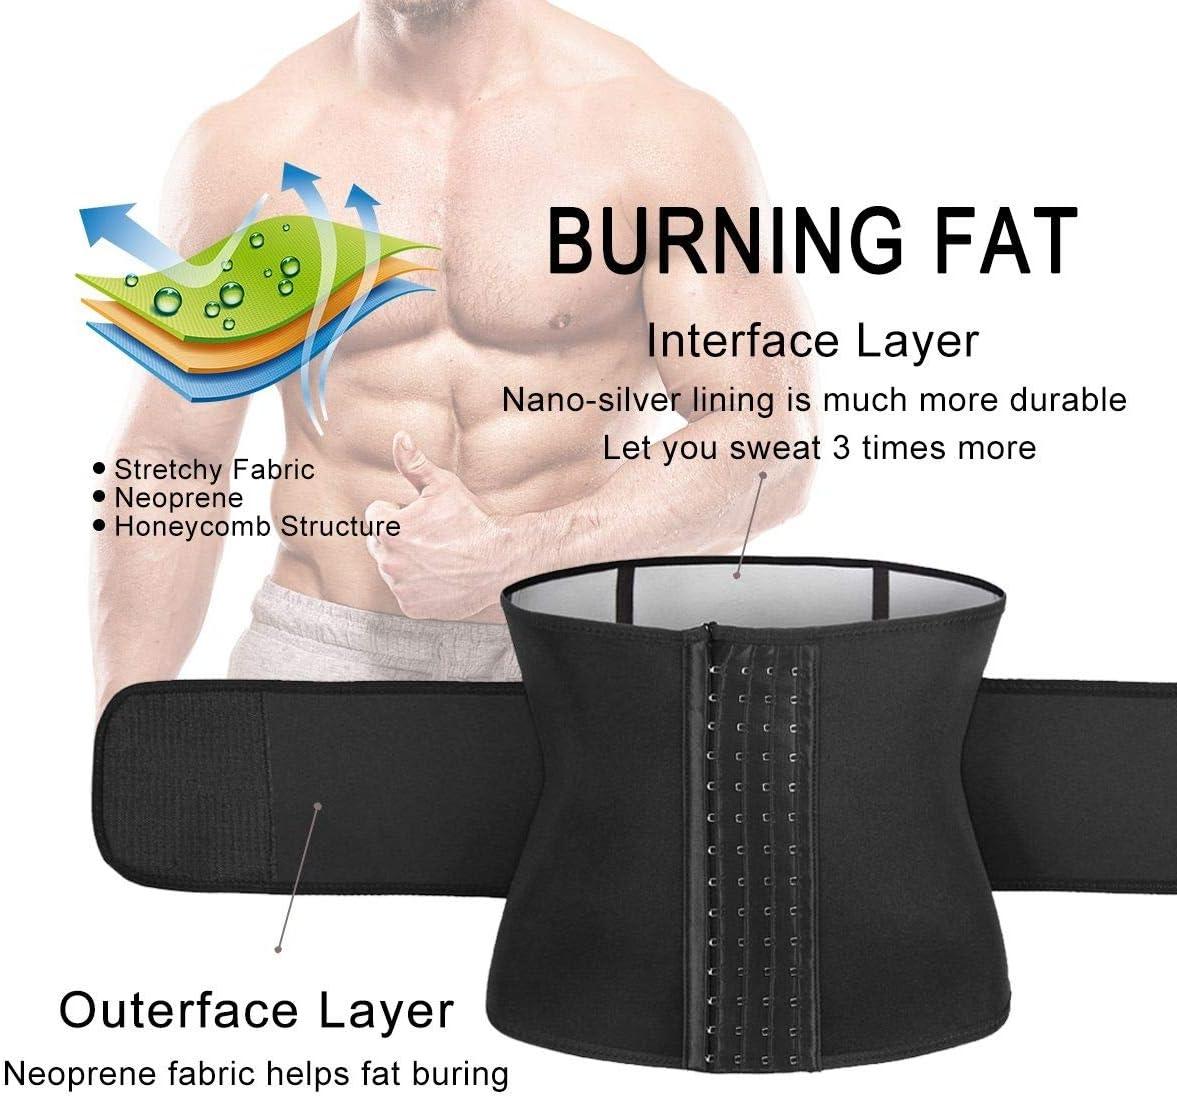 Yamadan Mens Neoprene Sauna Waist Cincher Slimmer Trainer Belt Belly Sweat Wrap Trimmer Workout Bands for Weight Loss